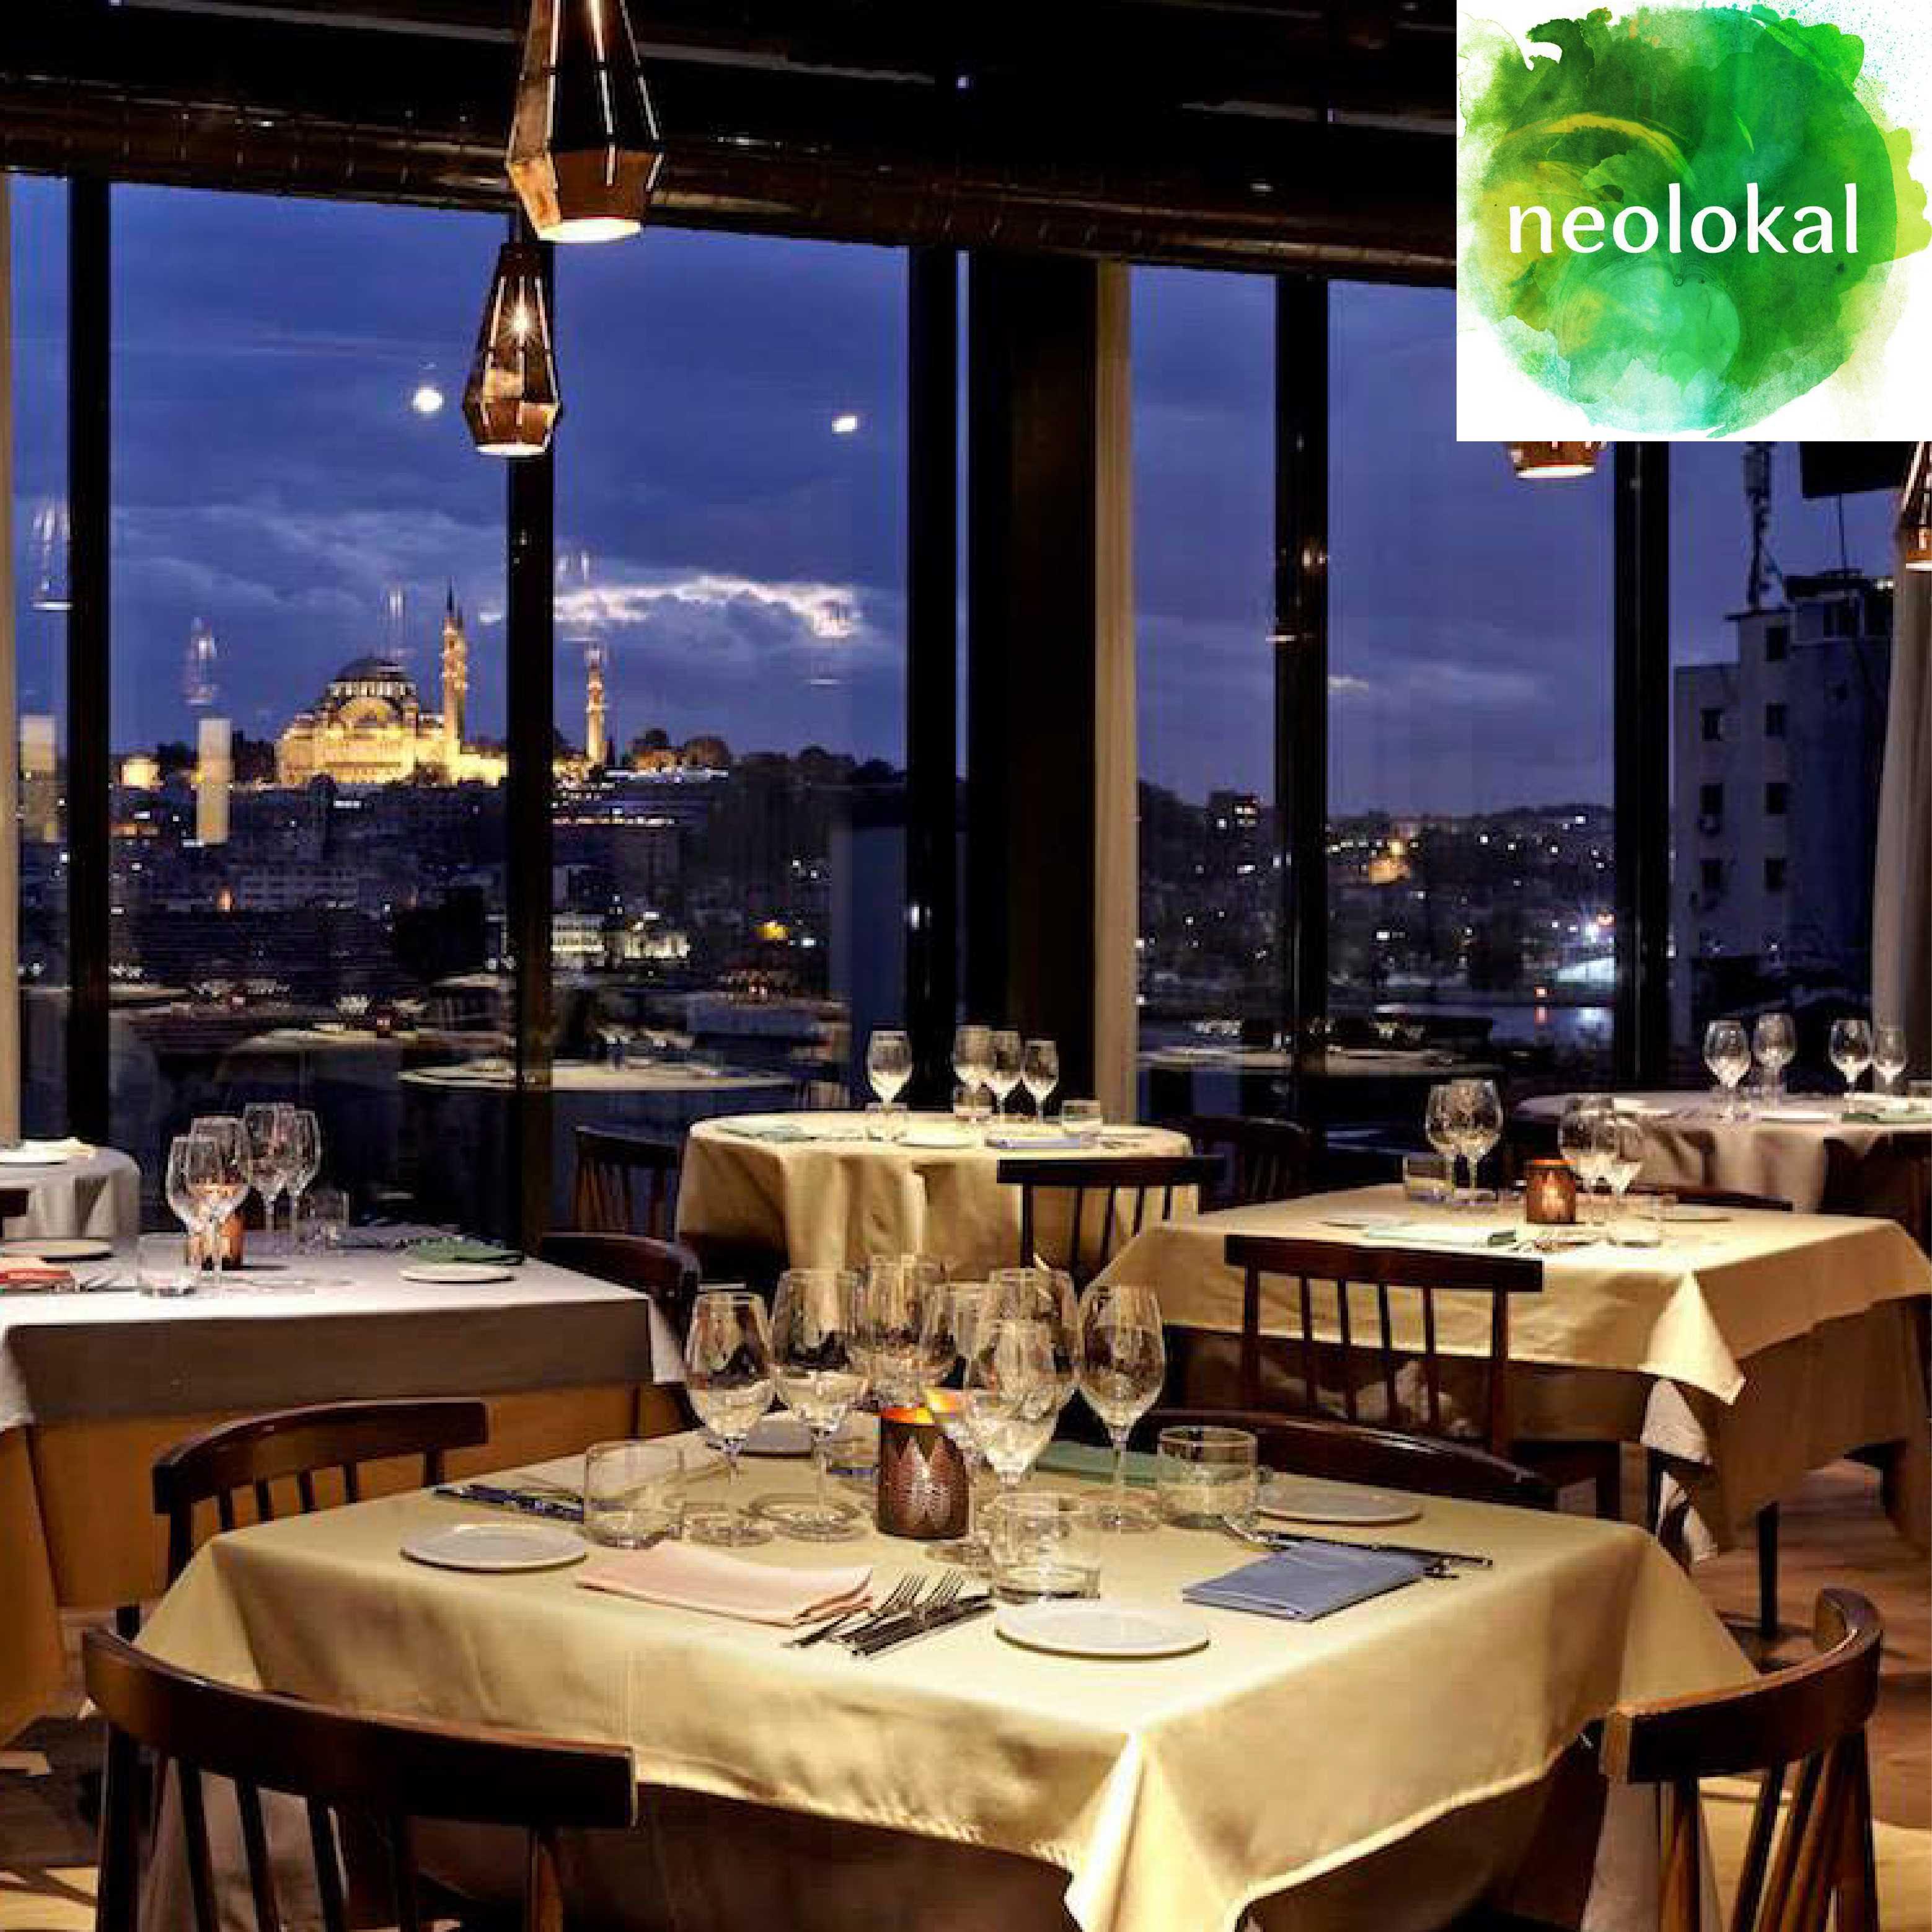 İstanbul Neolokal Karaköy